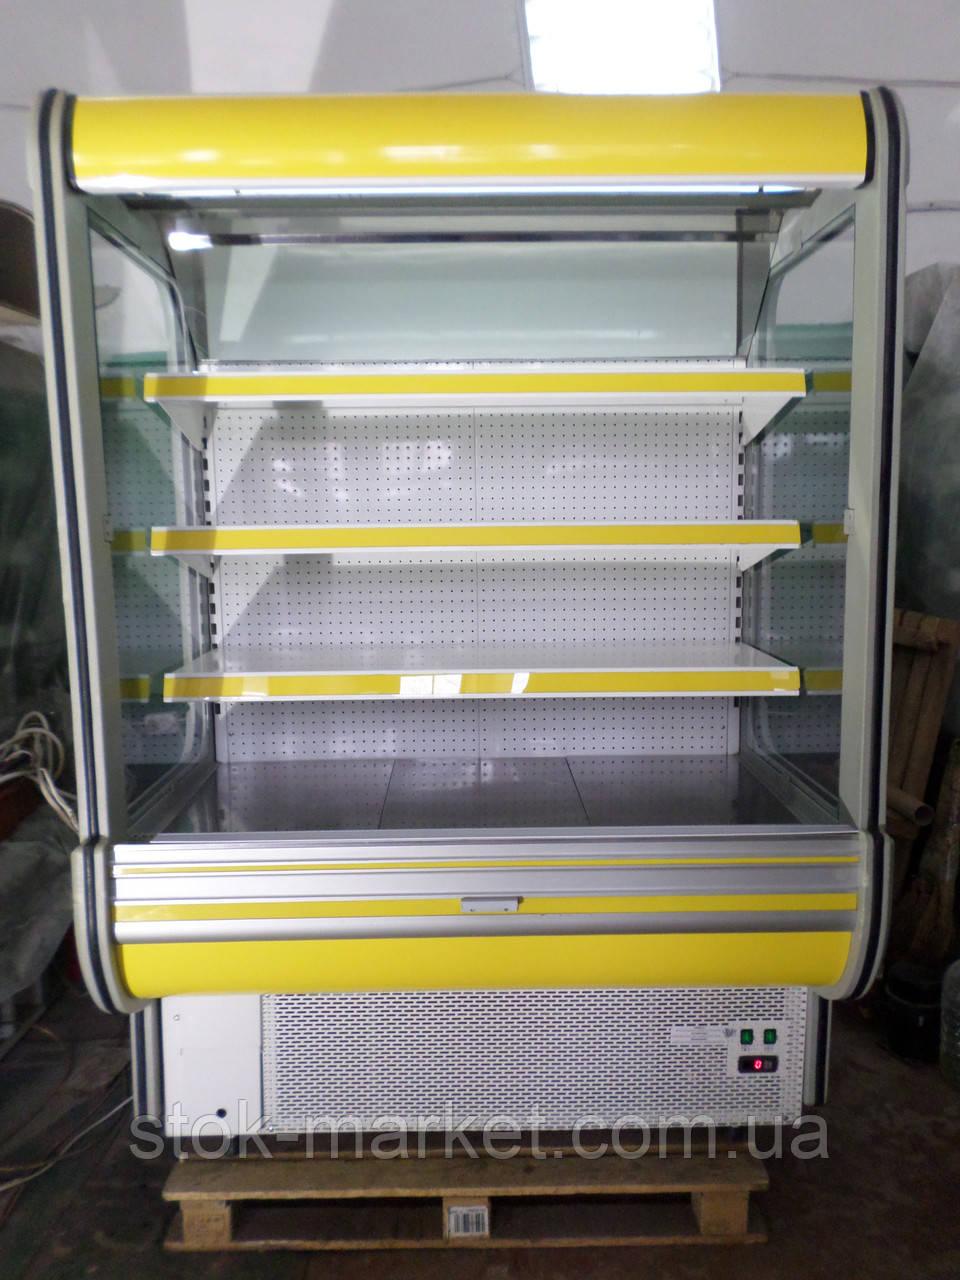 Холодильные горки б/у, холодильный регал Cold R-14 б у, пристенные витрины гастрономические, горка холодильная